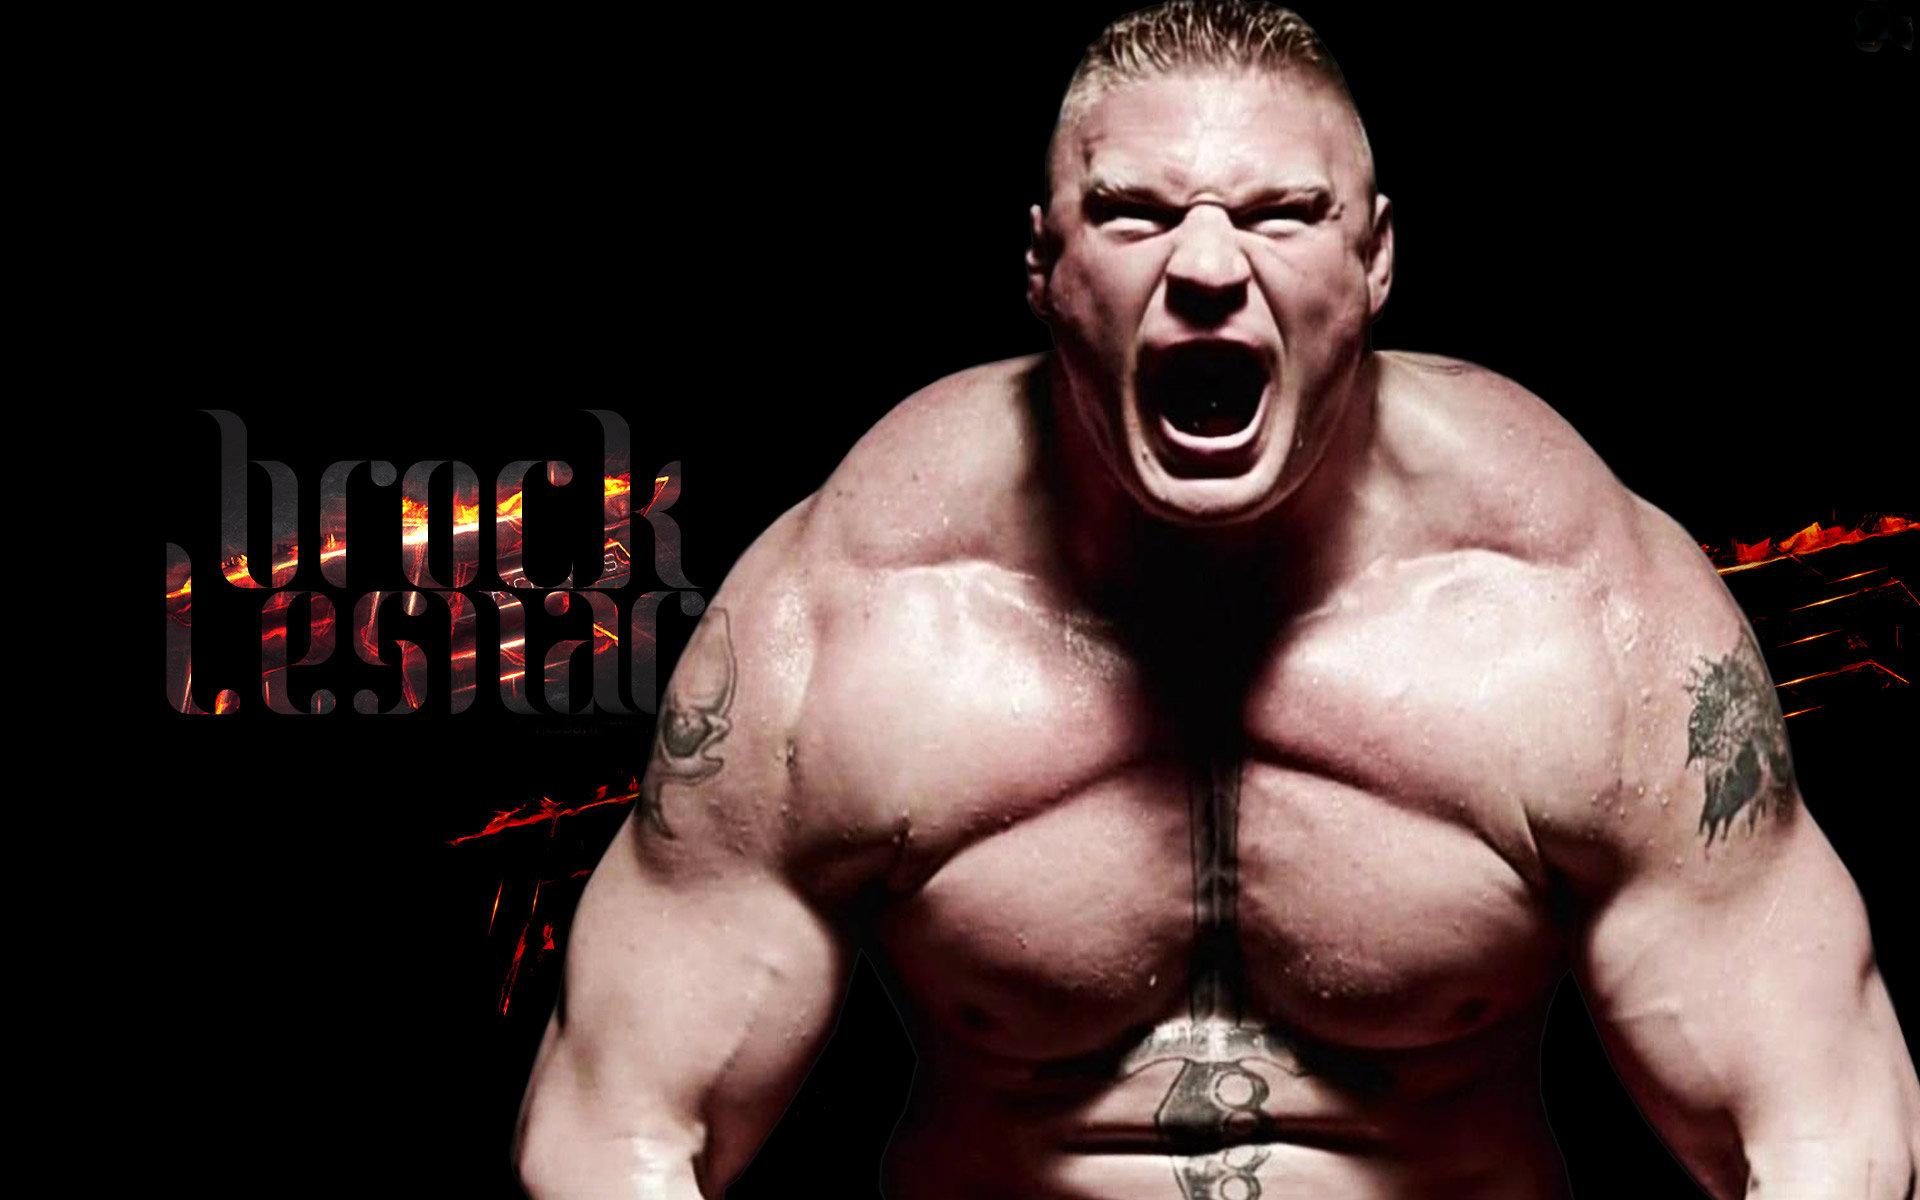 48+ Wwe Brock Lesnar 2015 Hd Wallpaper on WallpaperSafari